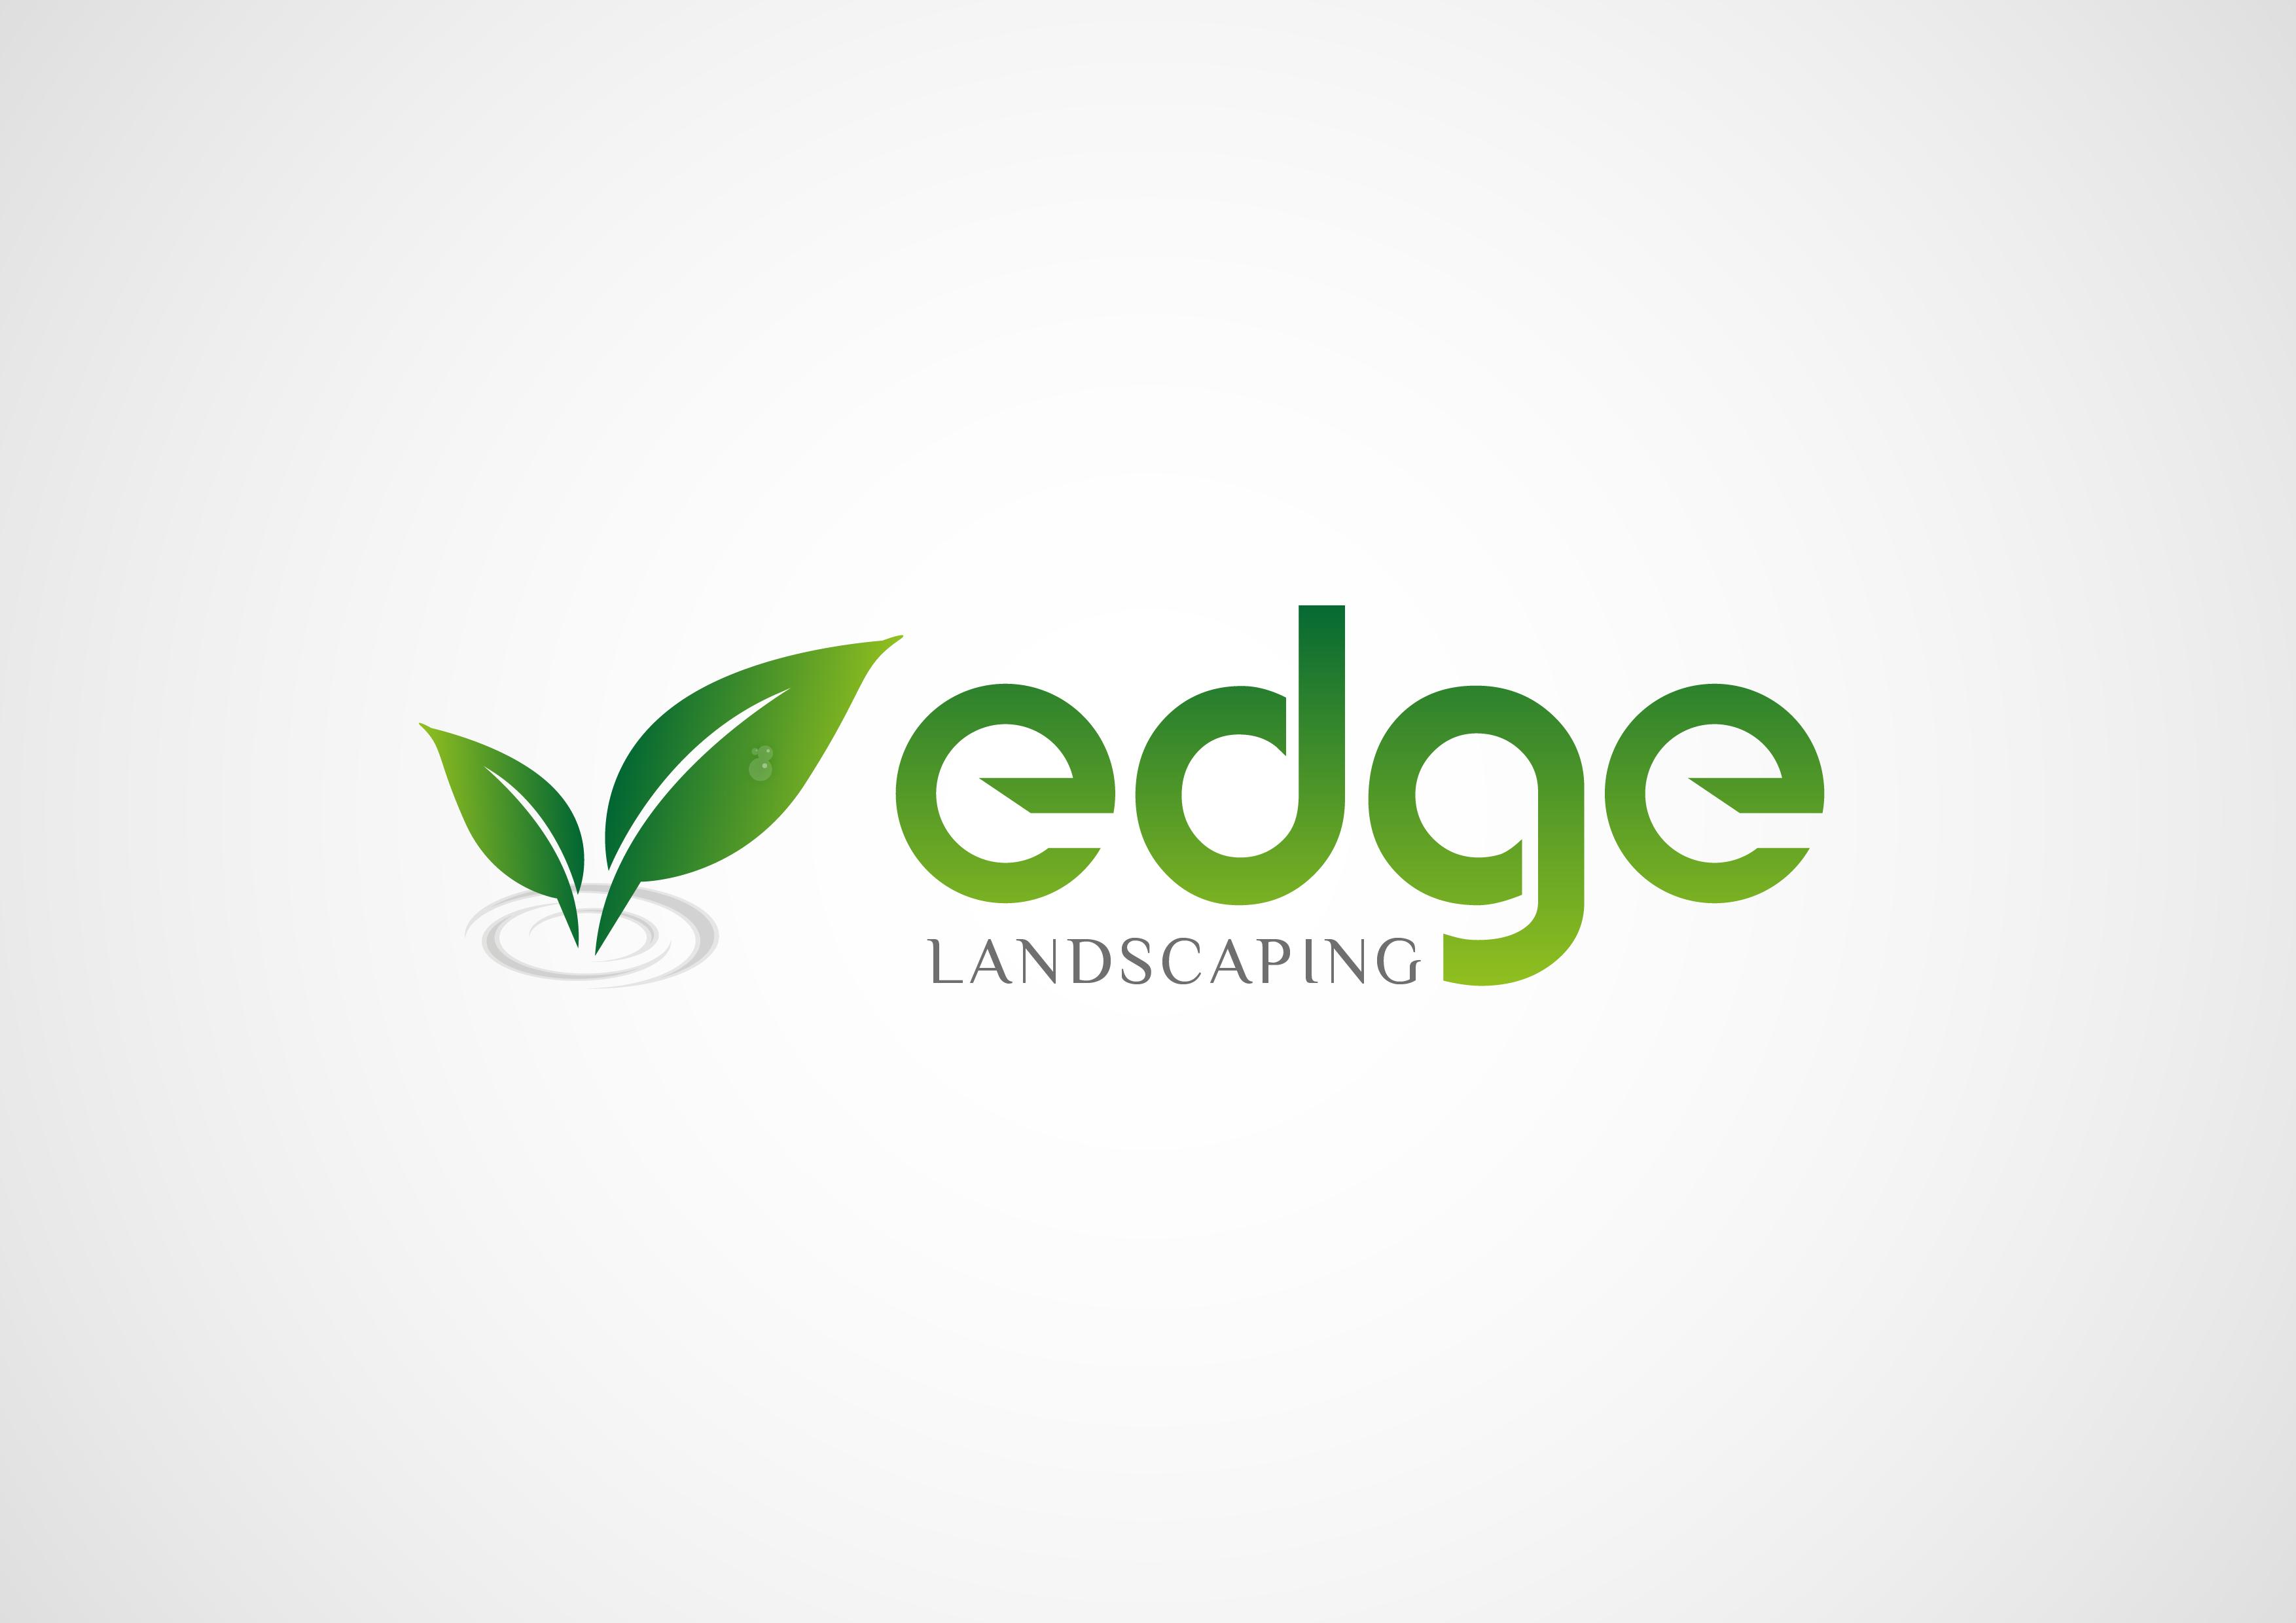 Logo Design Contests » Inspiring Logo Design for Edge